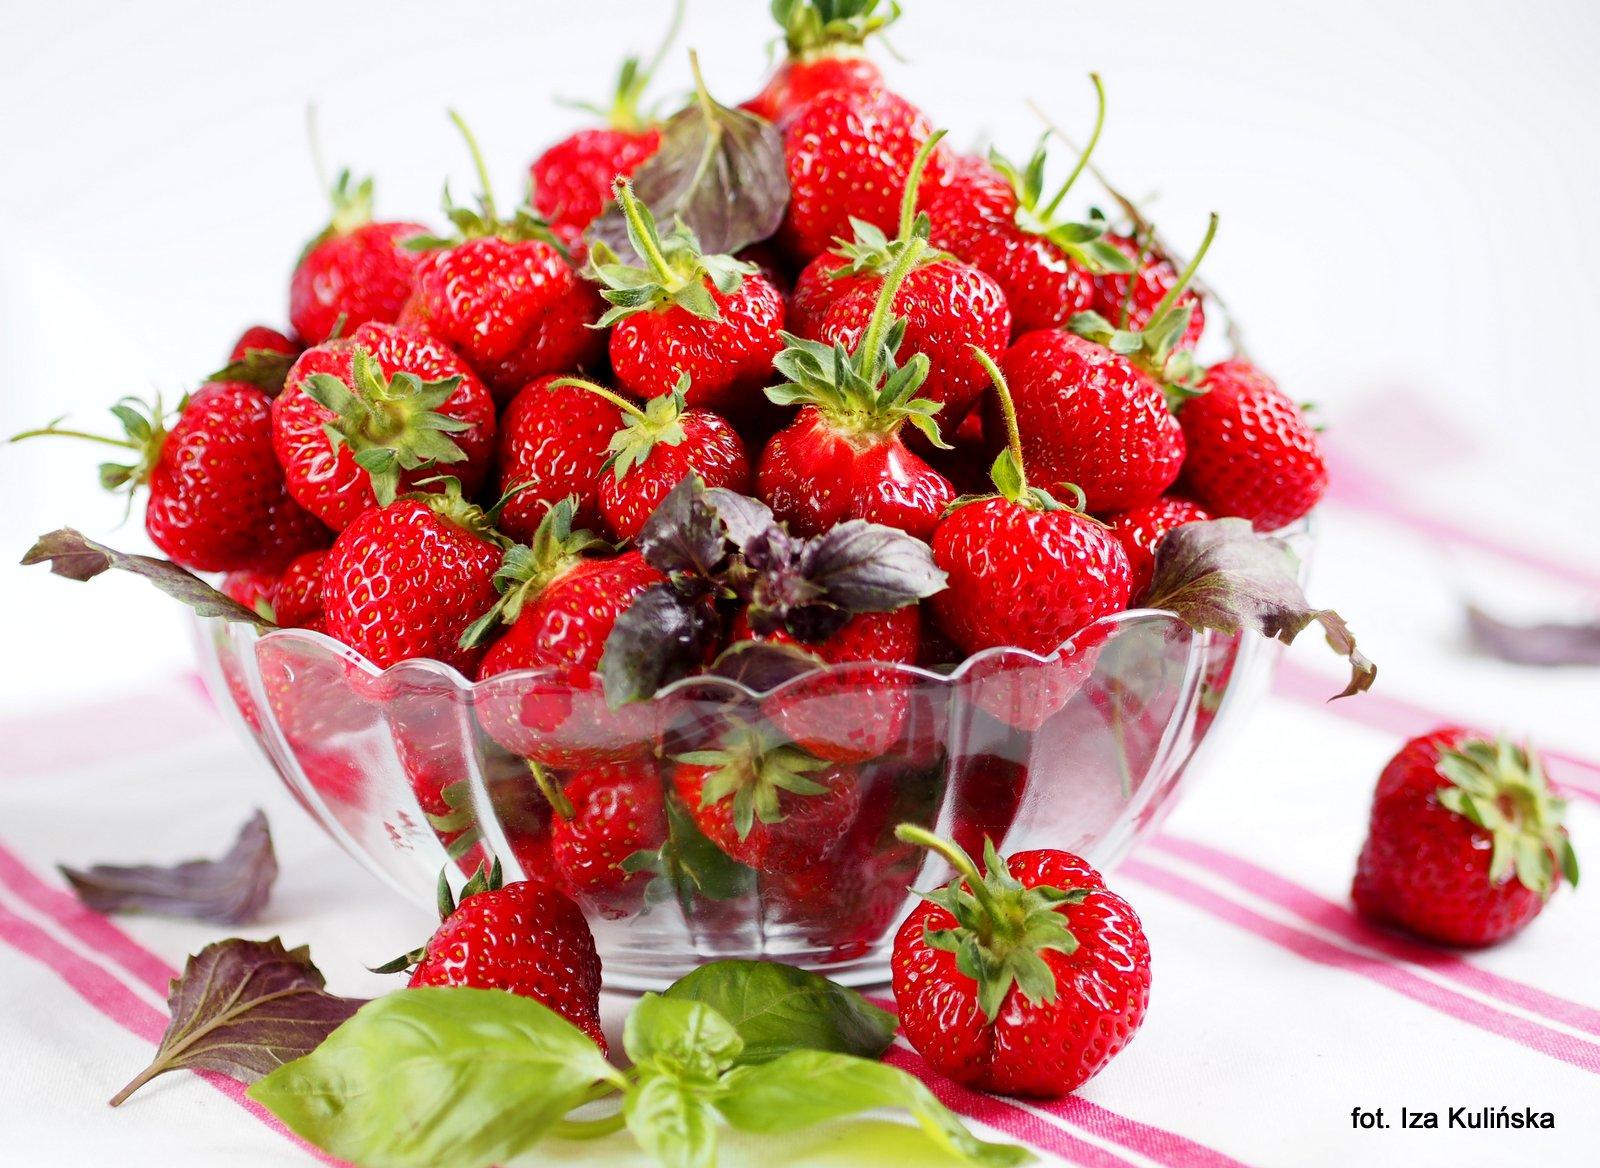 jak wykorzystac truskawki, truskaweczki, owoce lata, lato, dania z truskawkami, ciasto z truskawkami, desery, strawberry, pomysl na truskawki